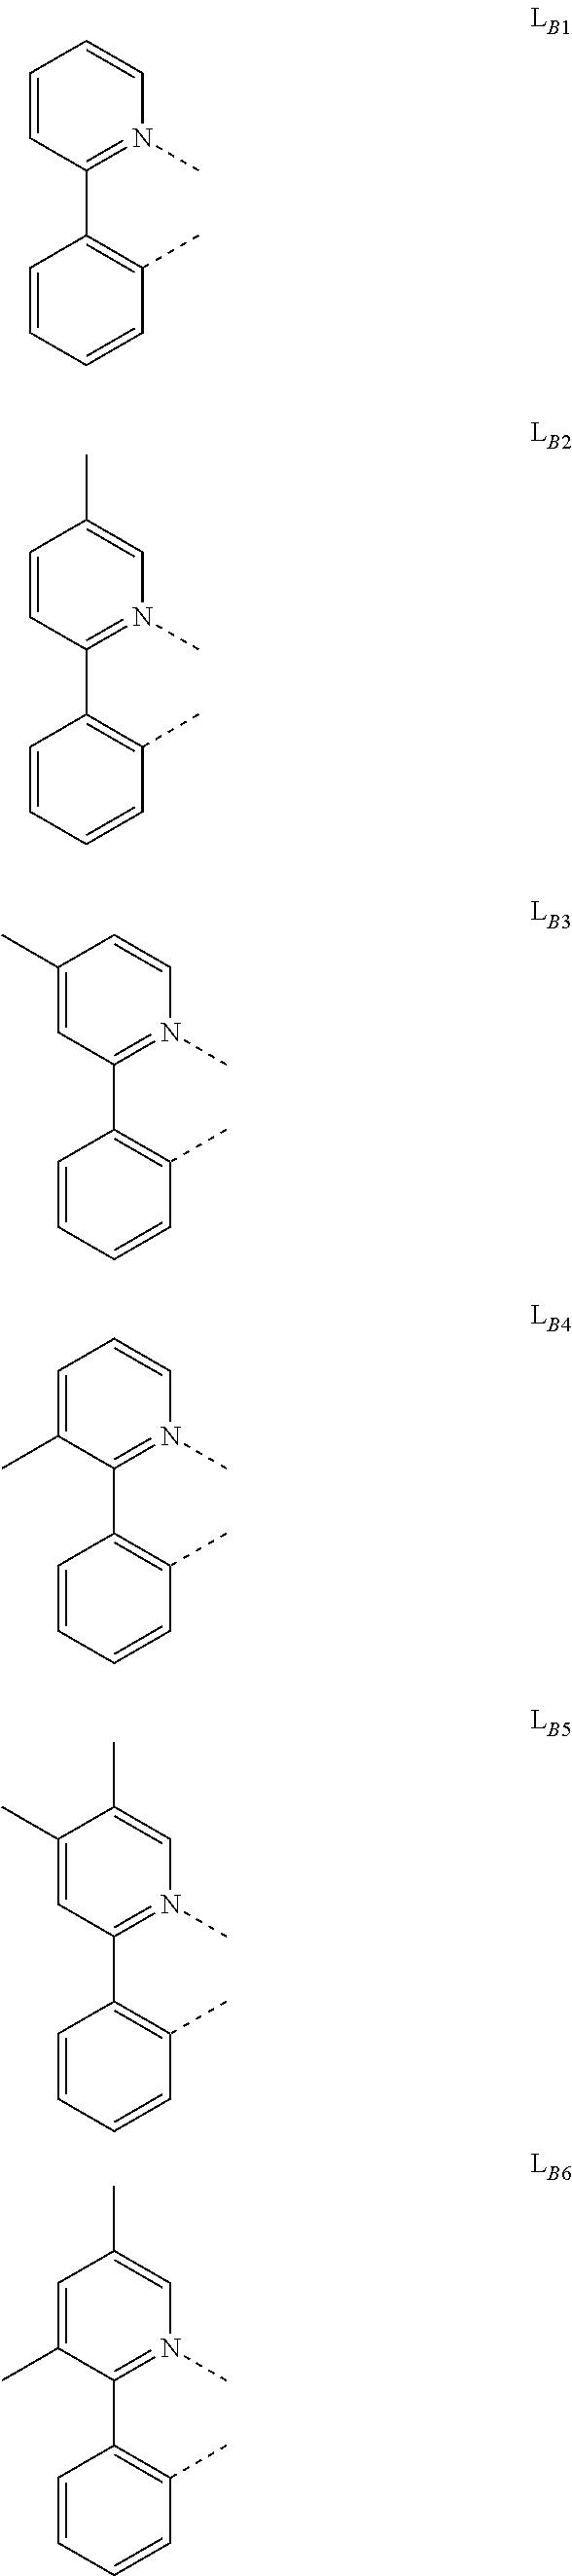 Figure US20180130962A1-20180510-C00261